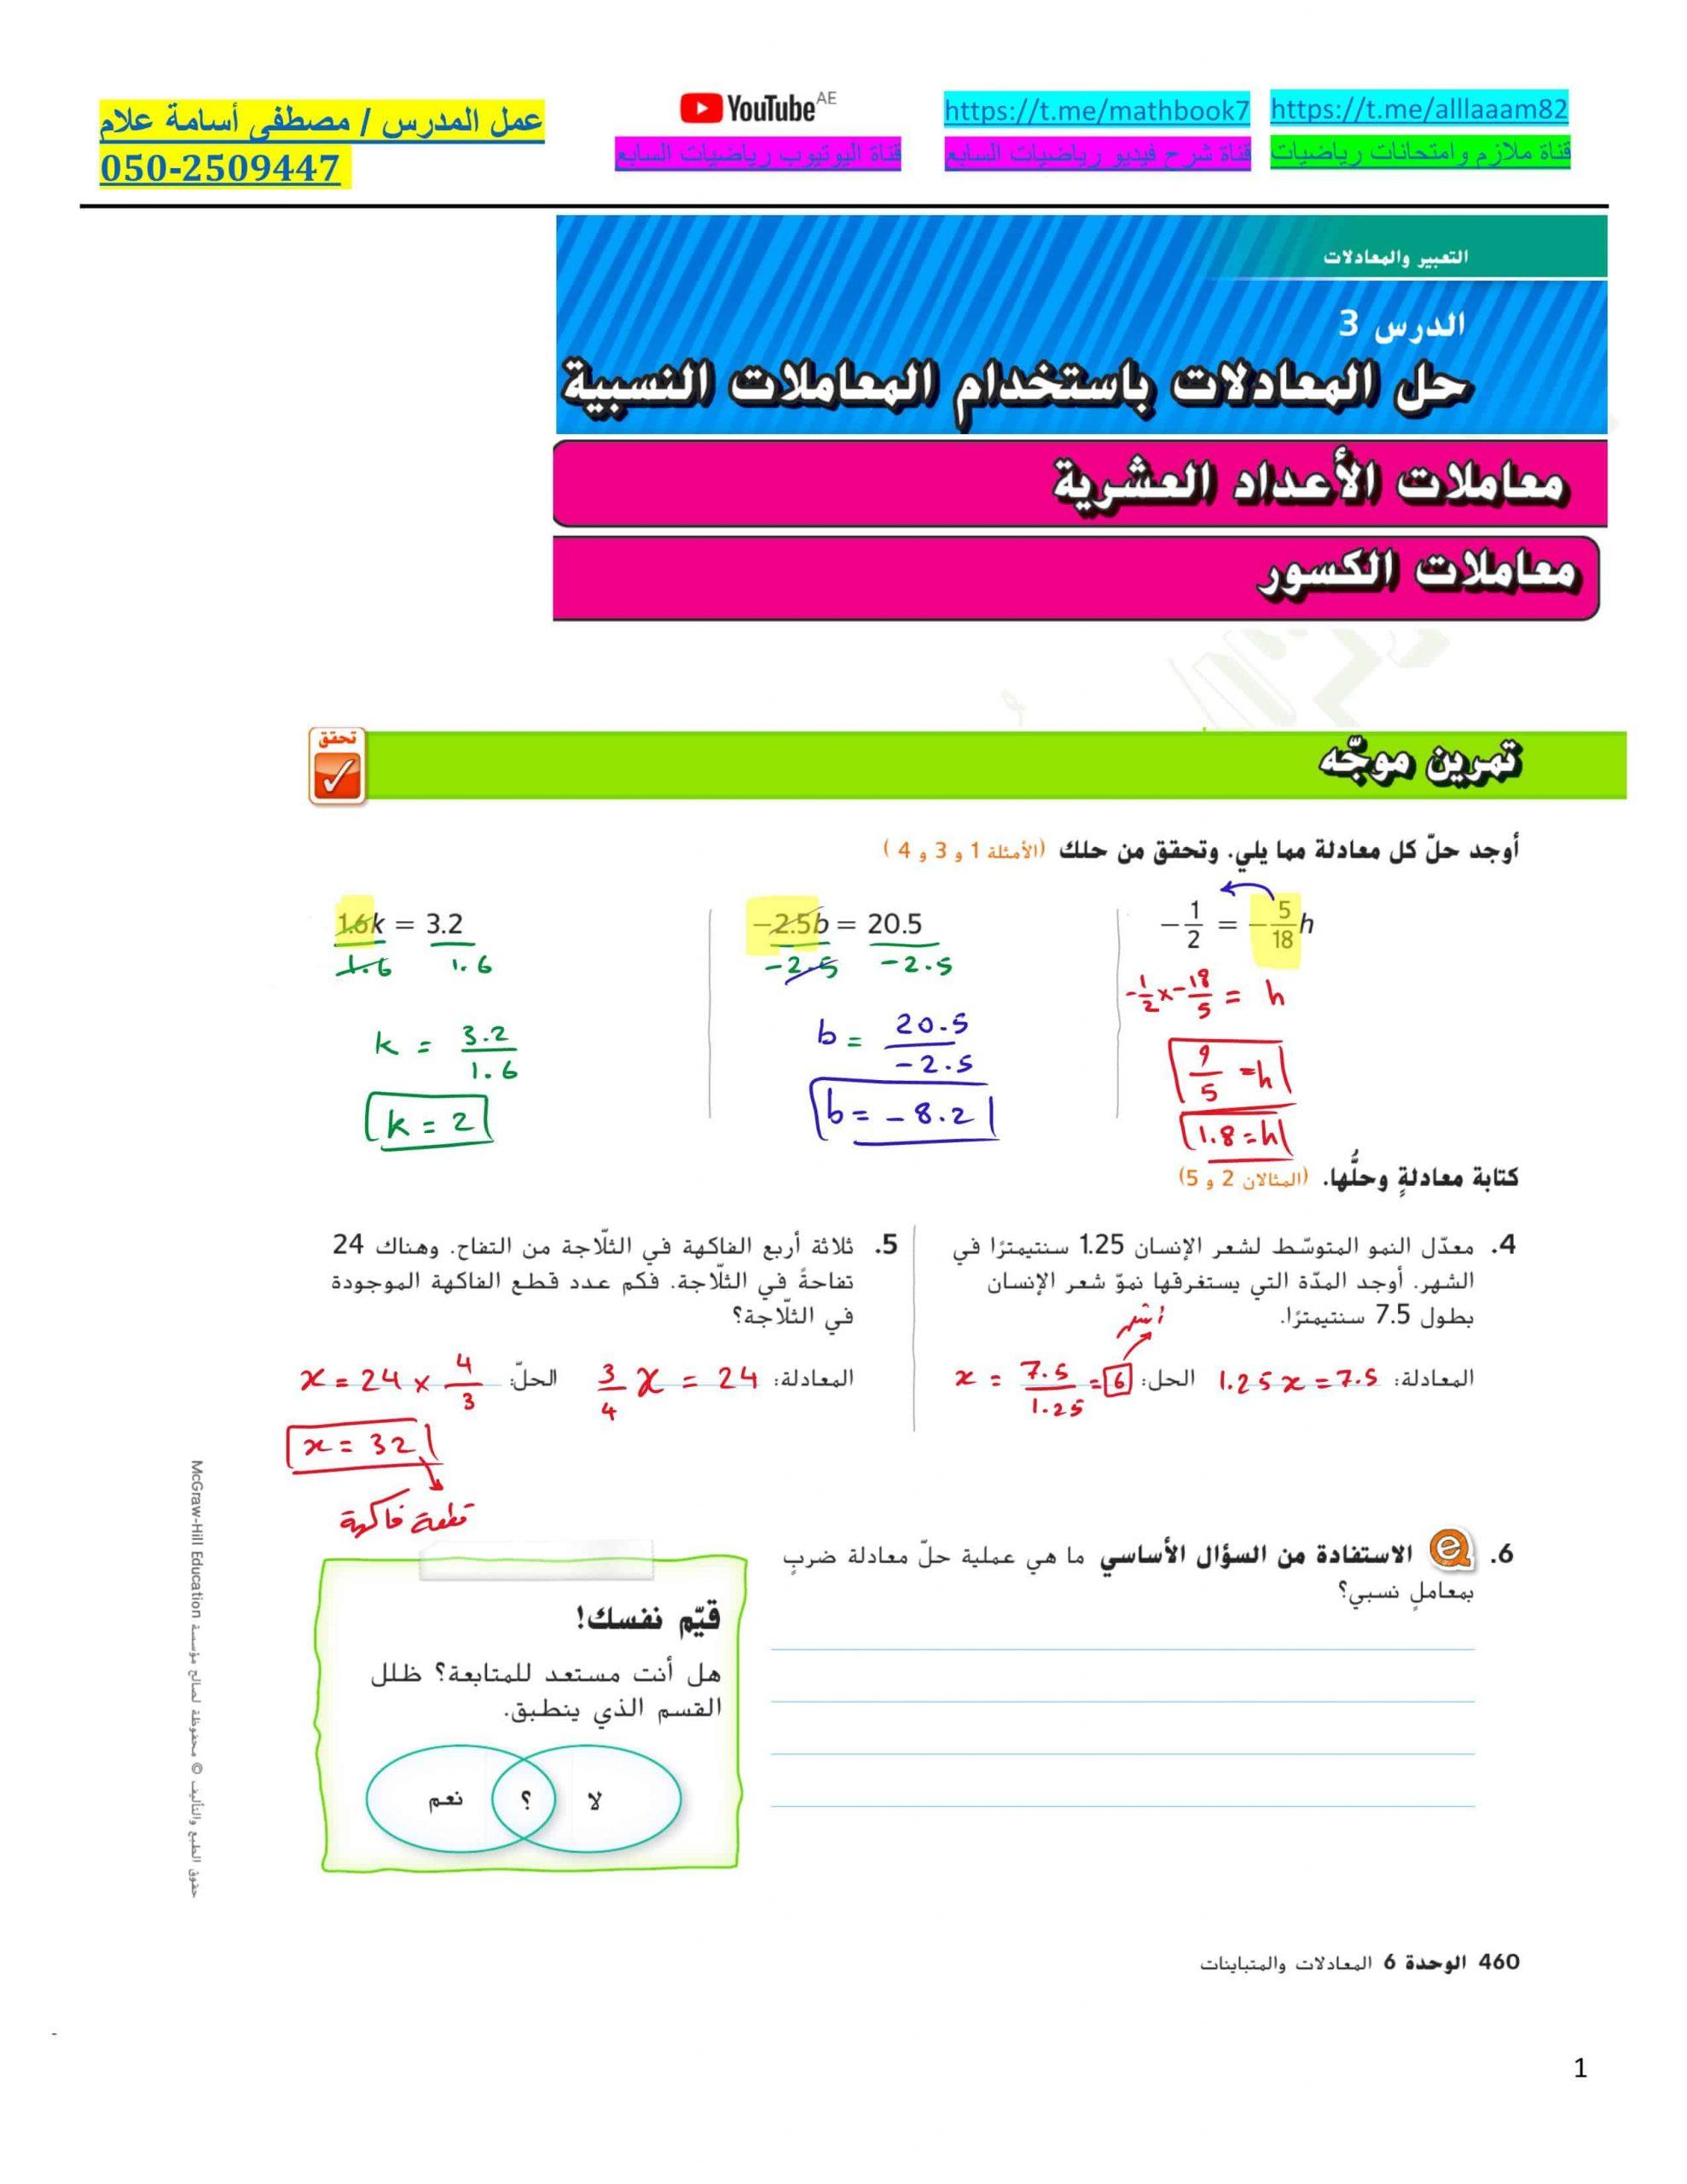 حل درس حل المعادلات باستخدام المعاملات النسبية الصف السابع مادة الرياضيات المتكاملة